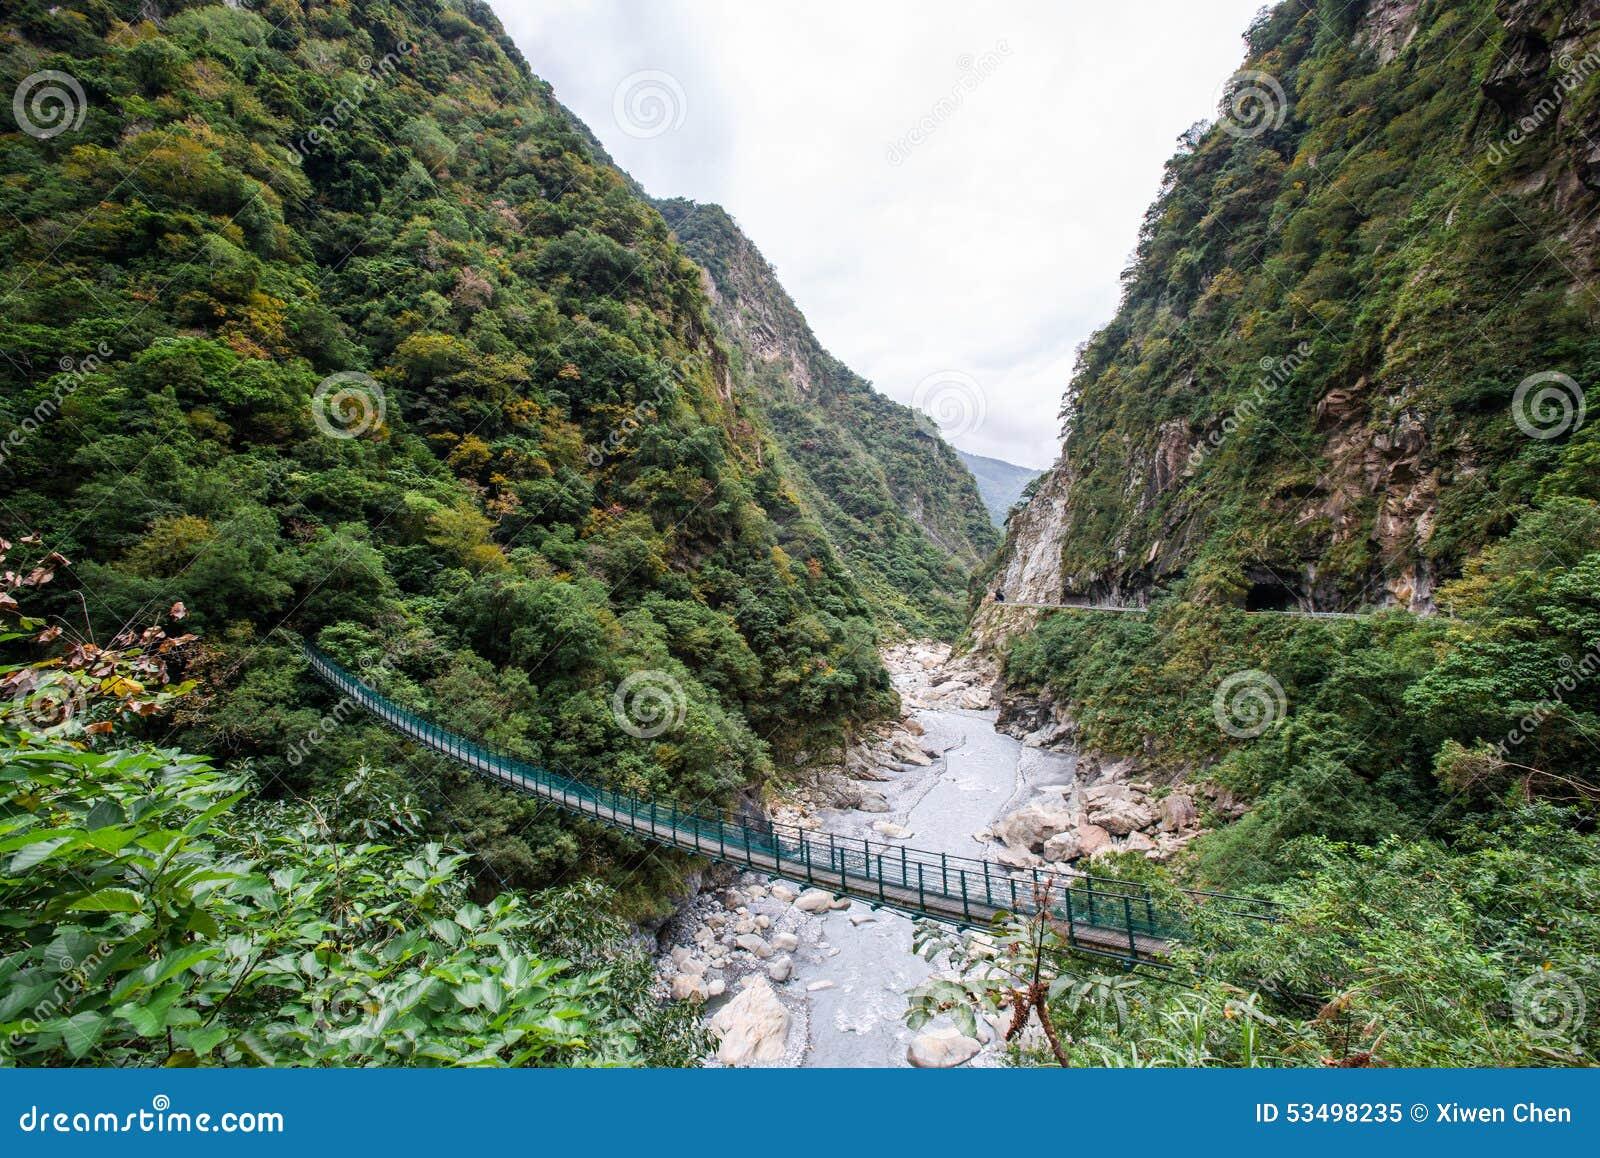 Pont suspendu en gorge de Taroko